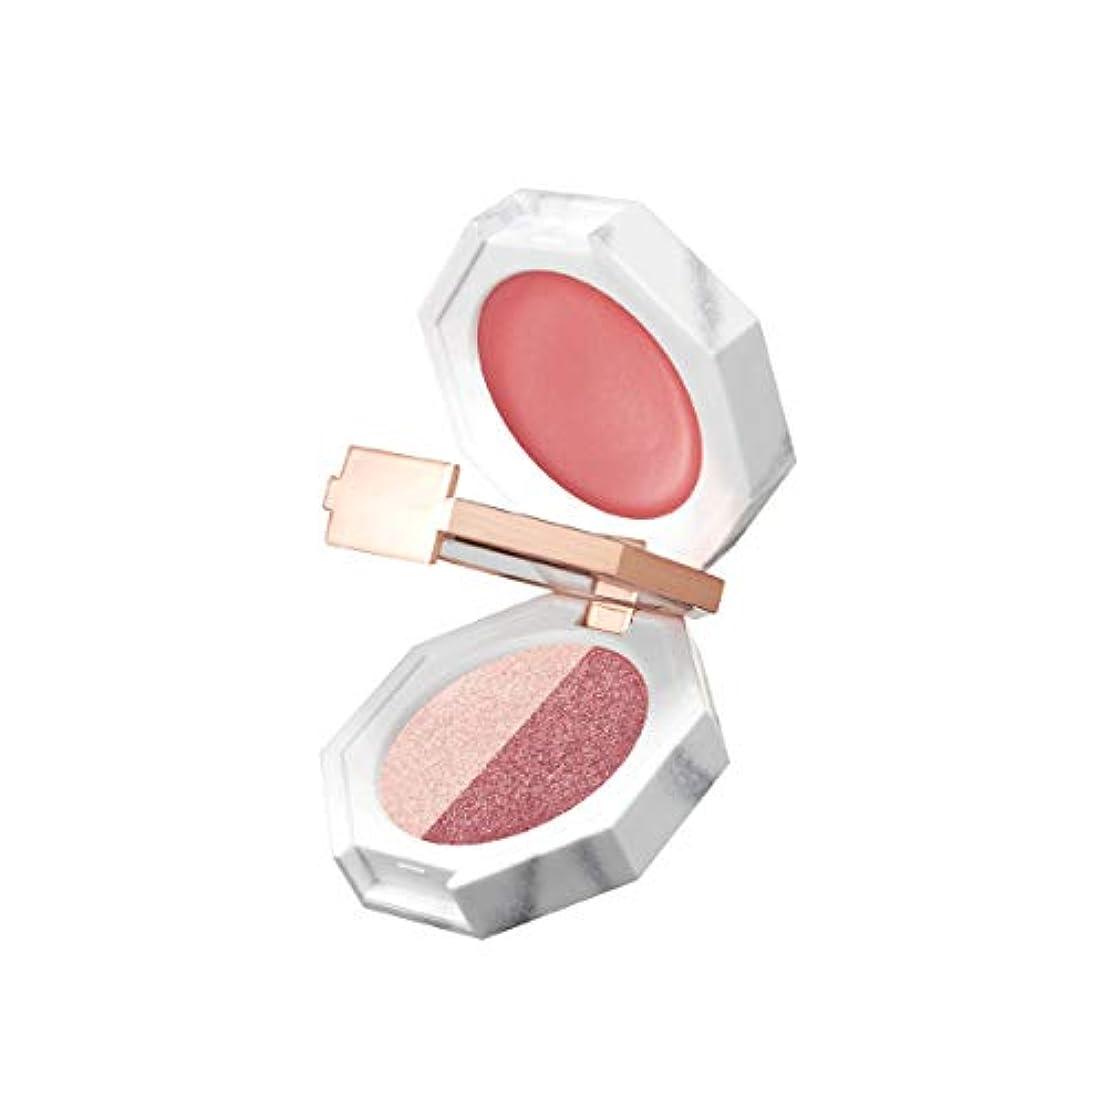 じゃがいもセグメントテクトニック[ディアダリア]Dear Dahlia パラダイスデュアルパレット ストロベリーディライト 海外直商品 Paradise Dual Palette (Strawberry Crush)